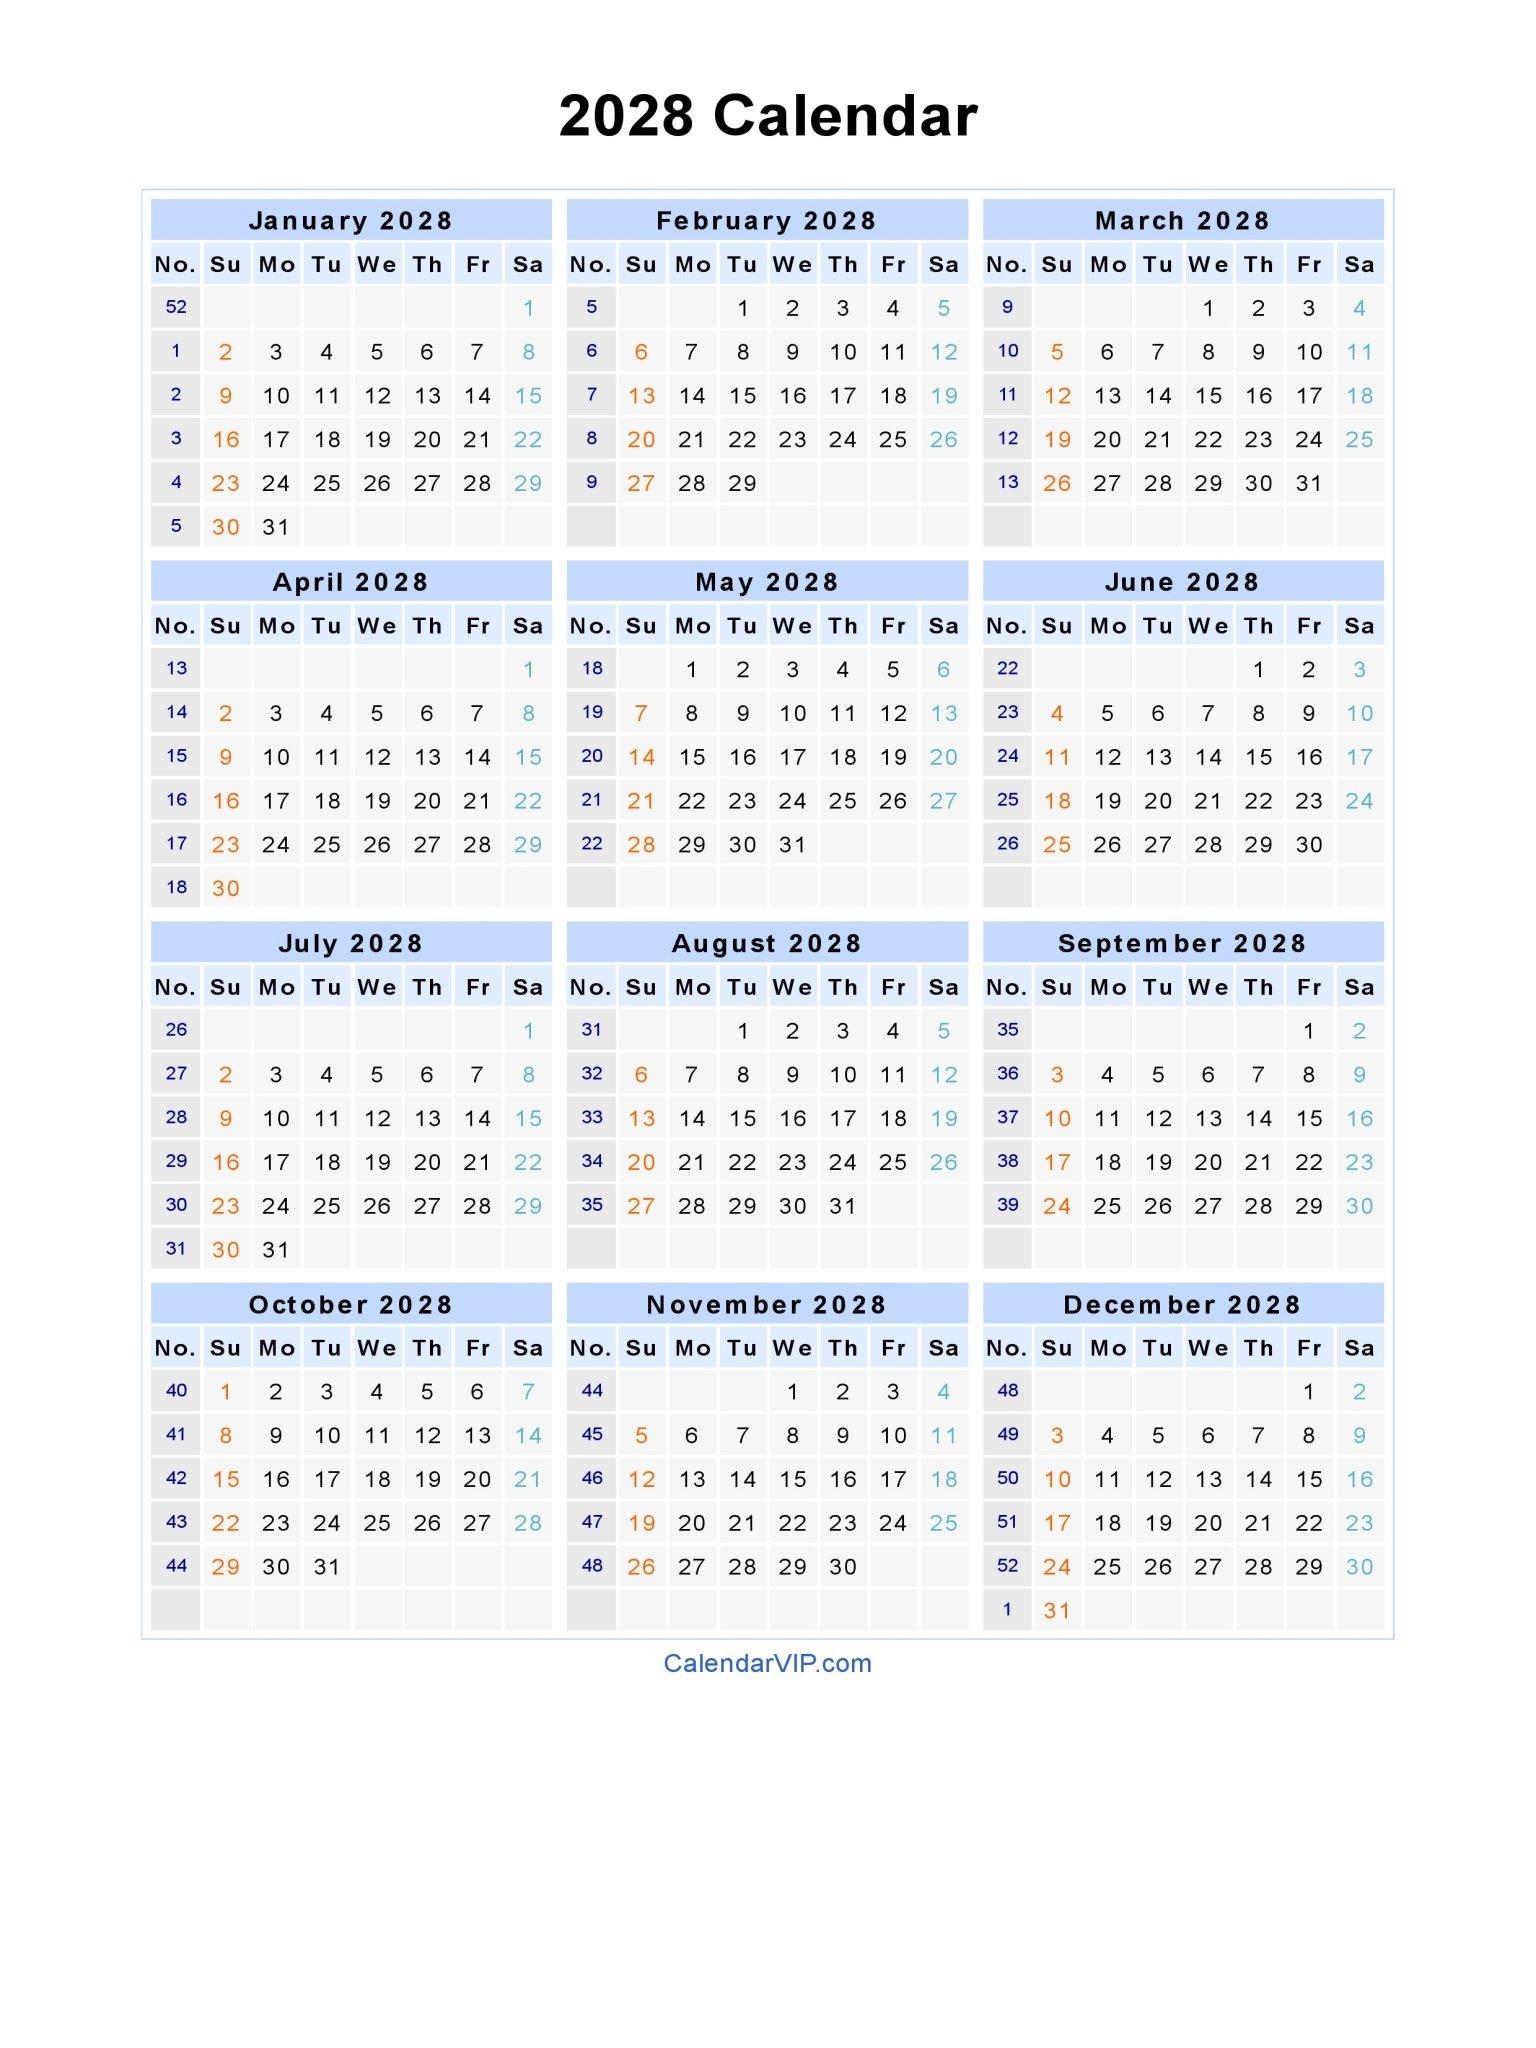 2028 Calendar – Blank Printable Calendar Template In Pdf Free Weekly Numbered 52 Week Calendar Printable